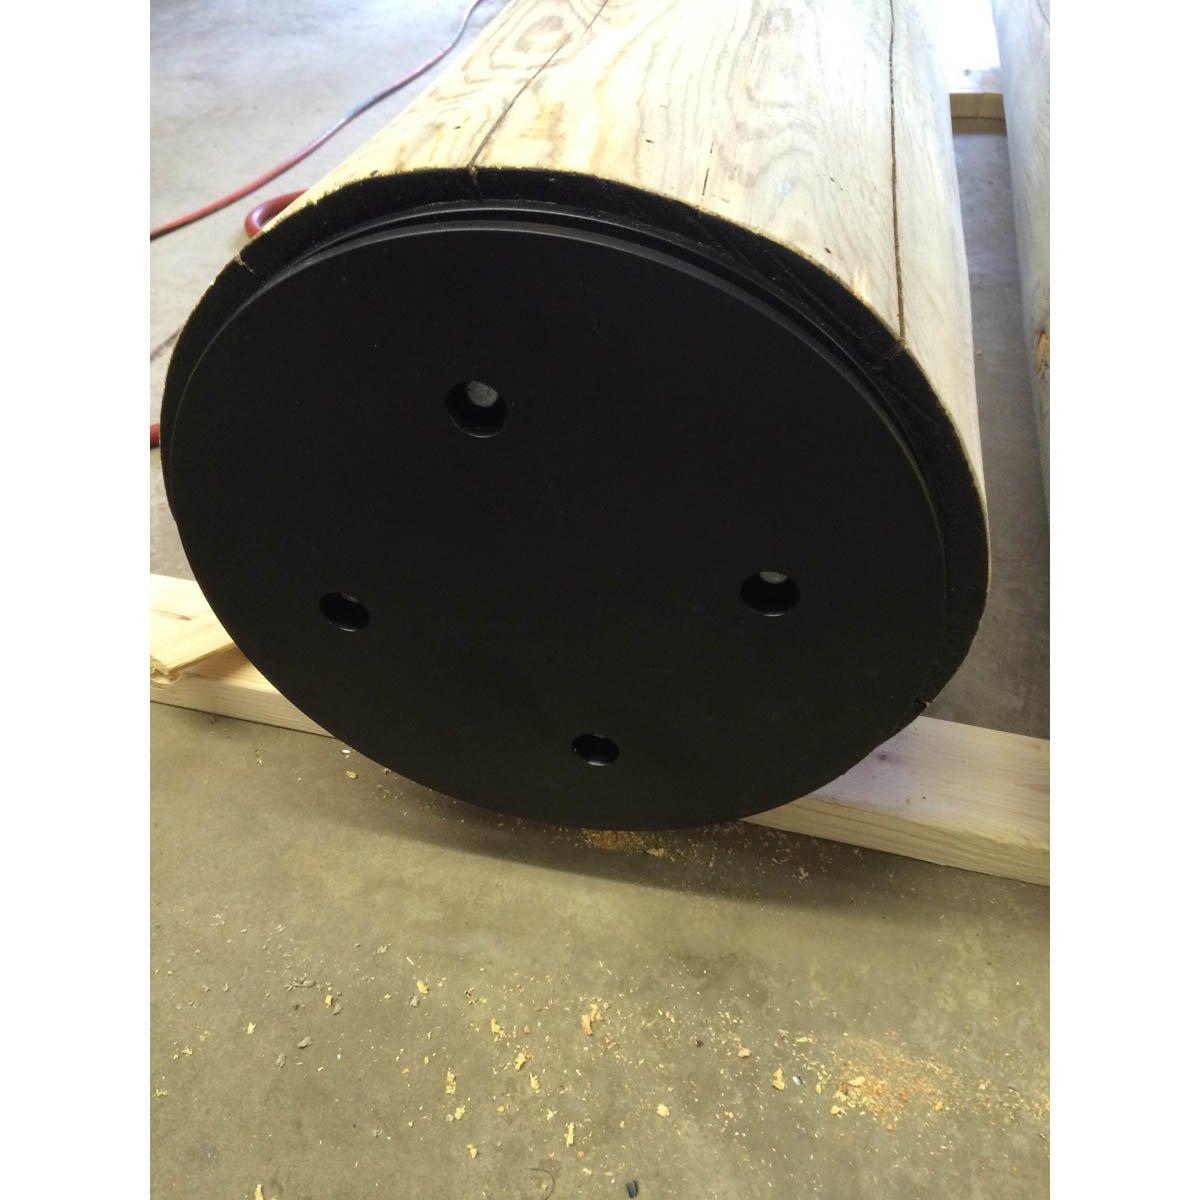 Round Uplift Post Brackets - (UPBR-14)